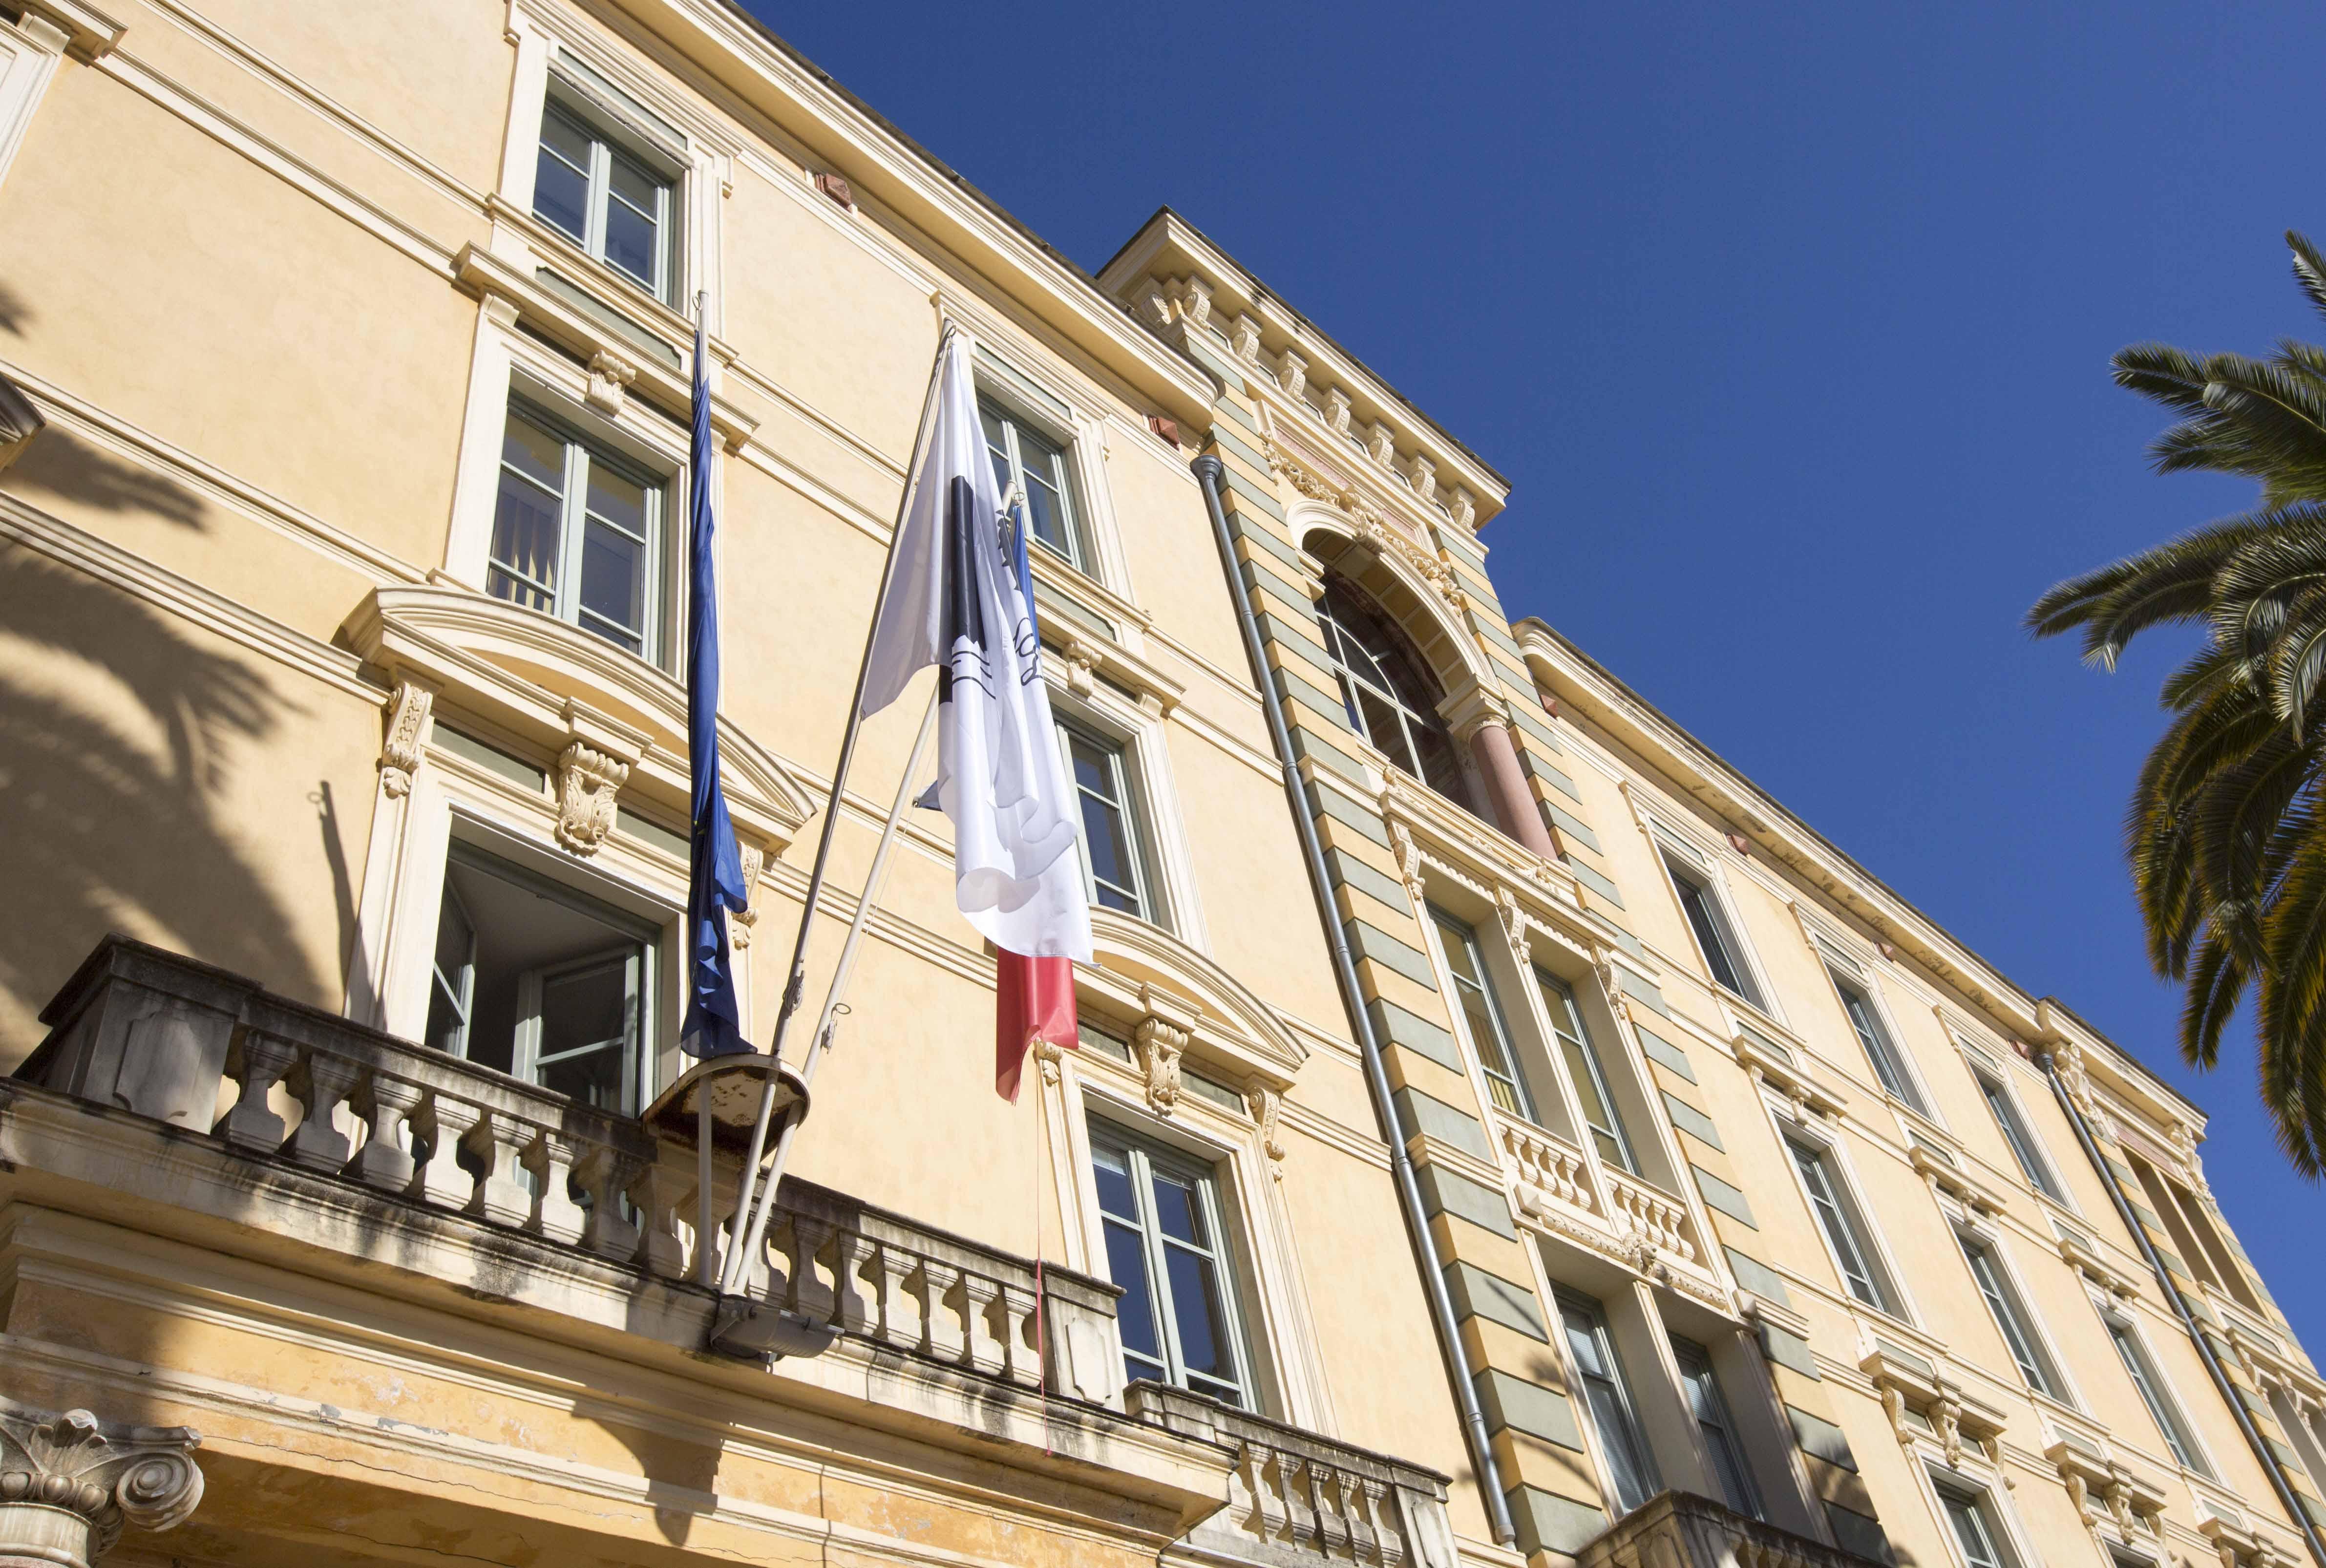 Assister à la séance d'installation de la nouvelle Assemblée de Corse, le jeudi 1er juillet 2021 à partir de 14h30